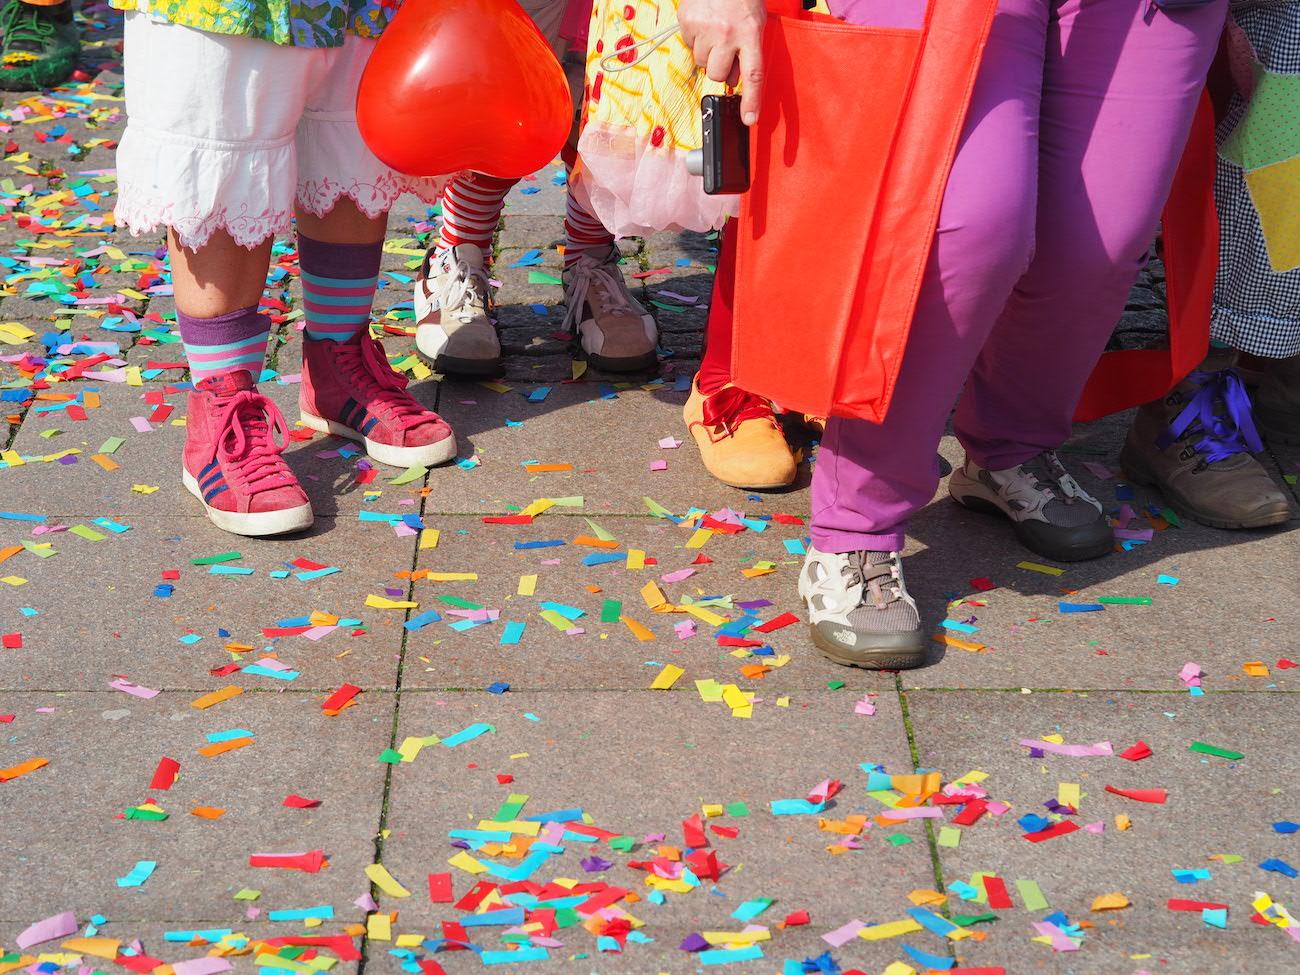 Schicke Schuhe, liebe Clowns!